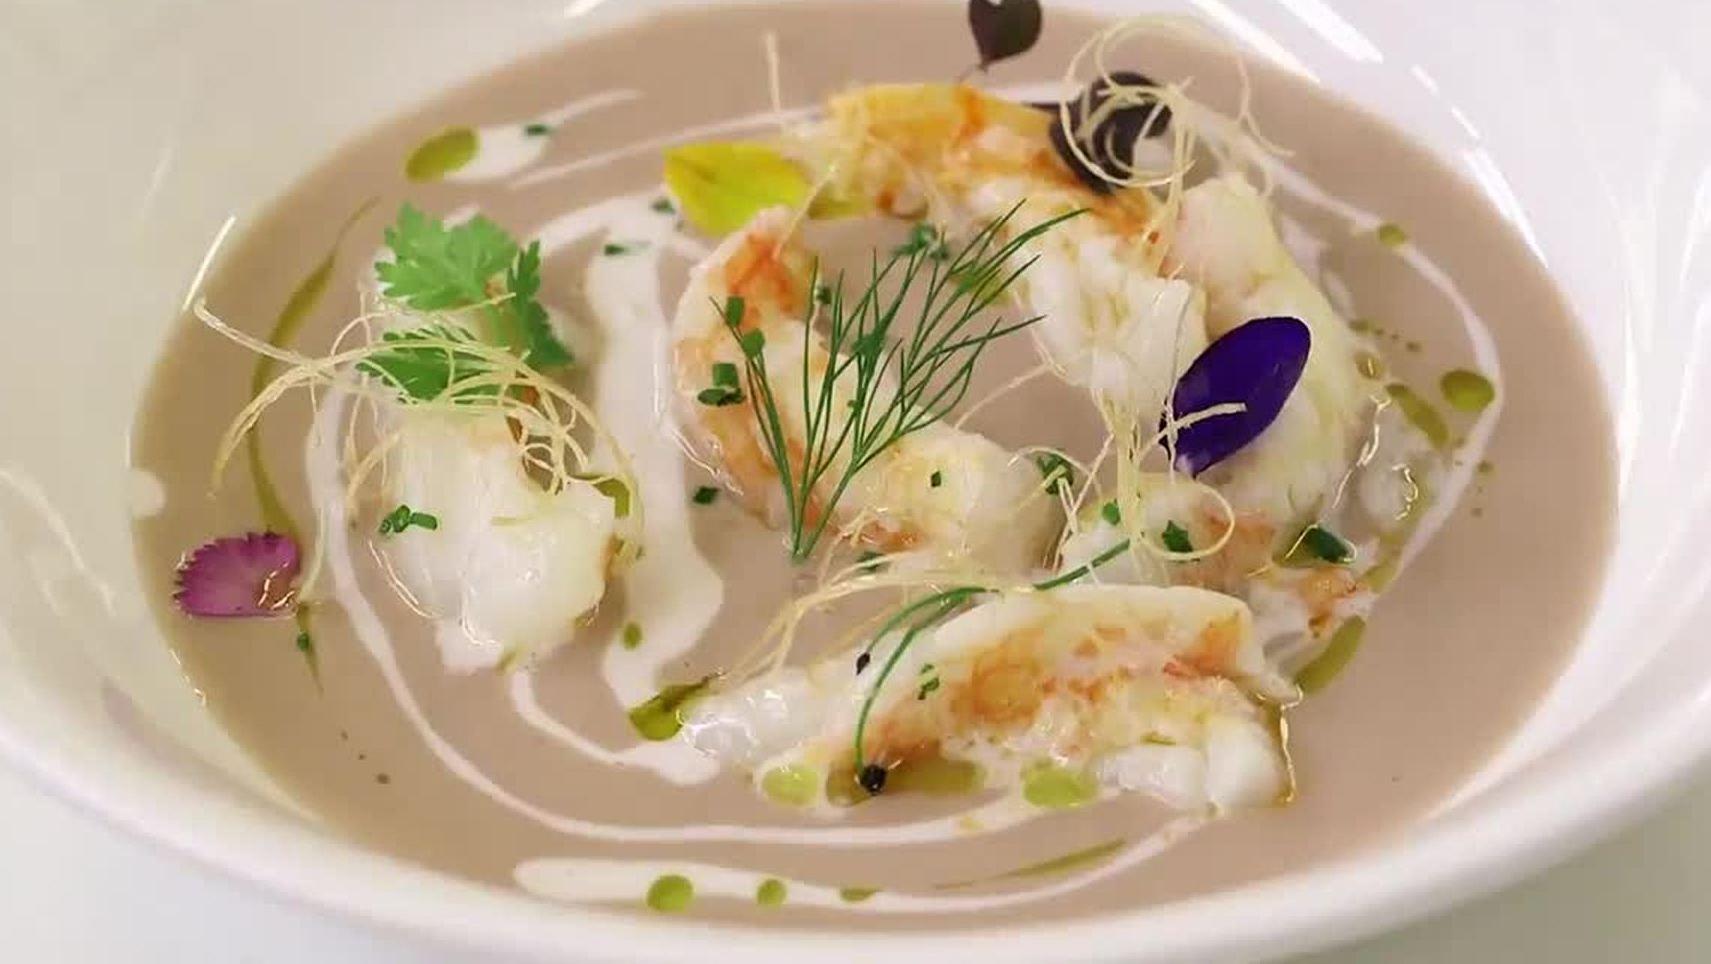 zuppa-di-castagne-e-scampi-1920x1080